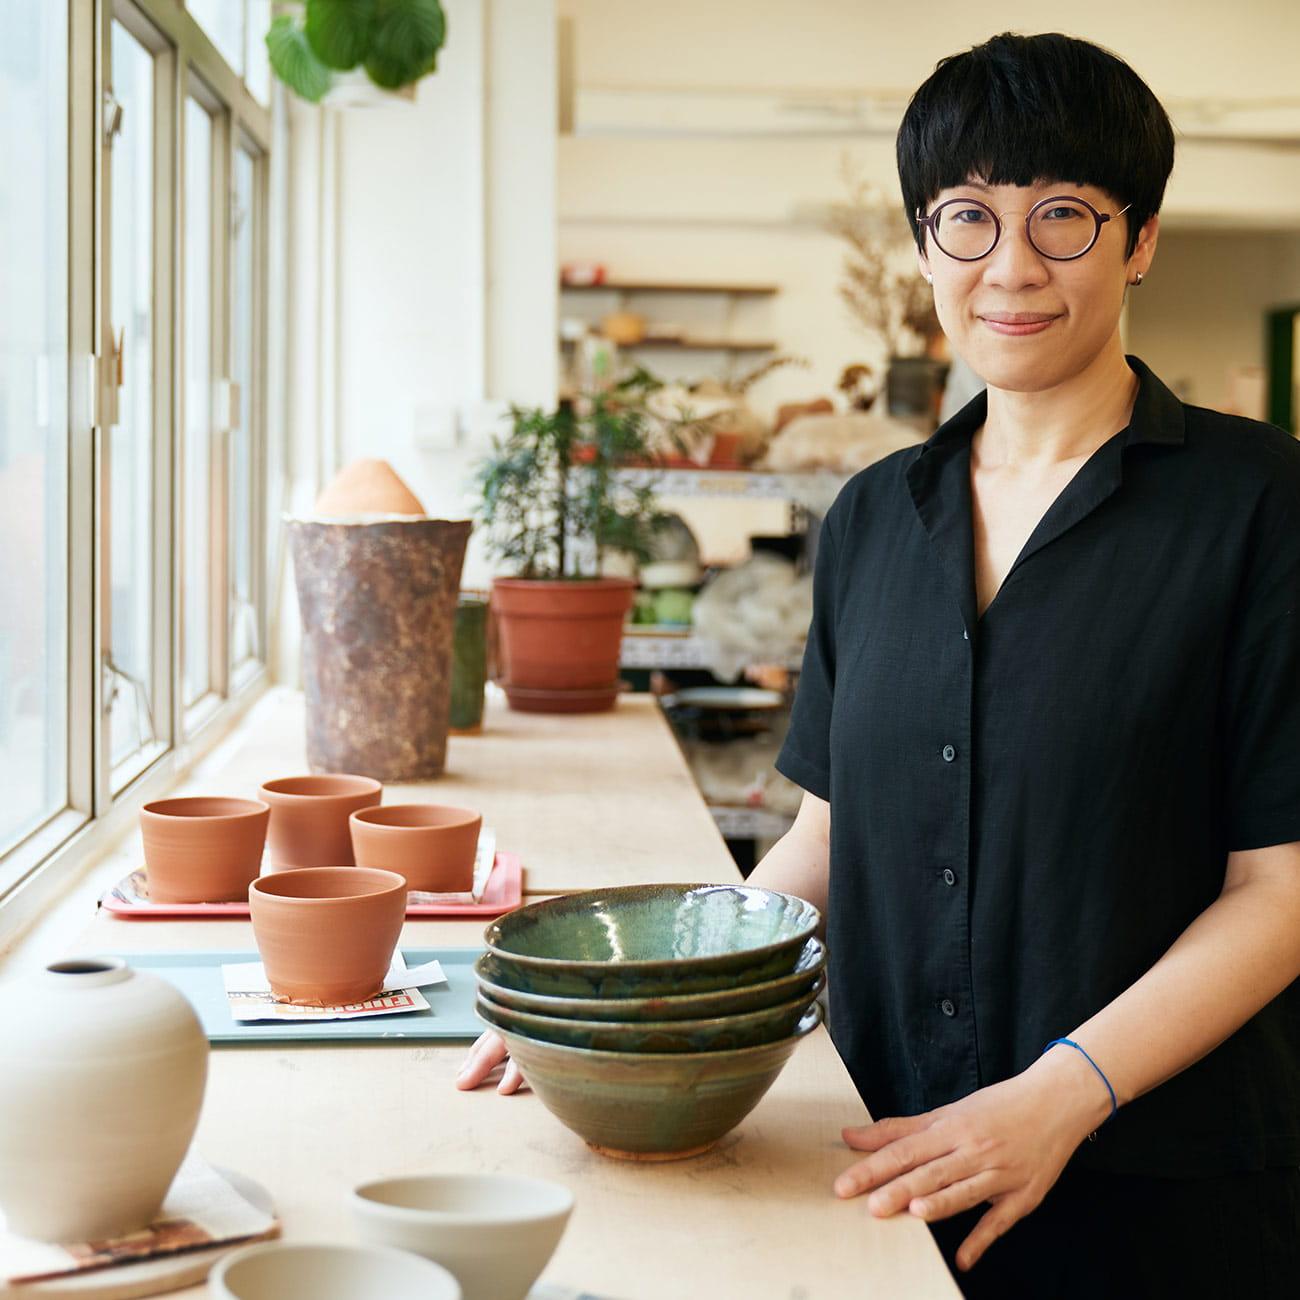 LUMP Studio owner Liz Lau